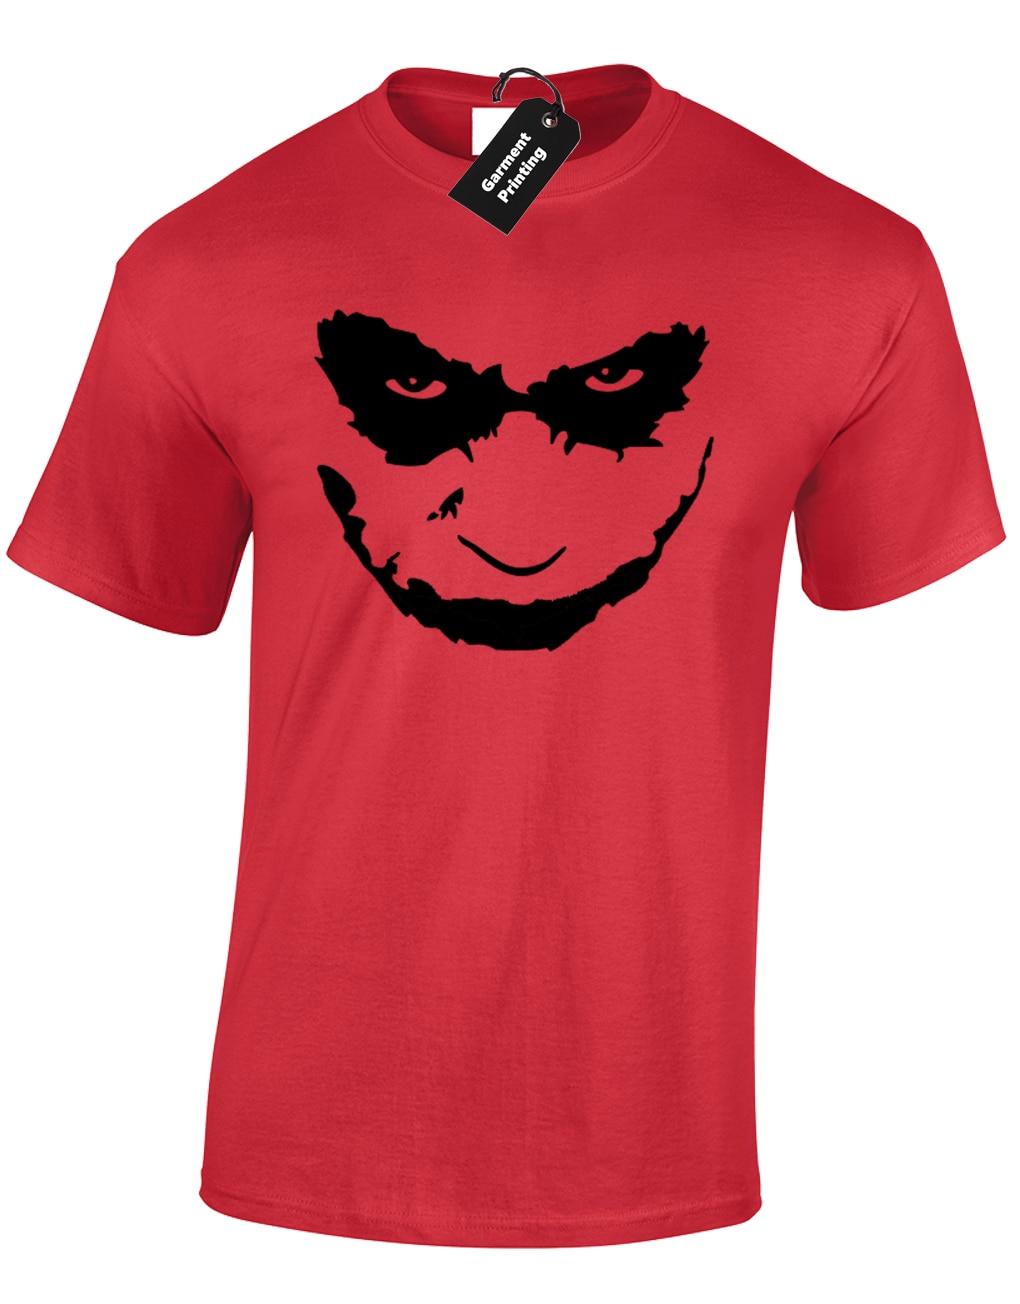 Джокер лицо Мужская футболка забавная летучая мышь Темный рыцарь дизайн человек классический фильм S-5XL Удобная футболка, Бесплатная доставка дешевая футболка